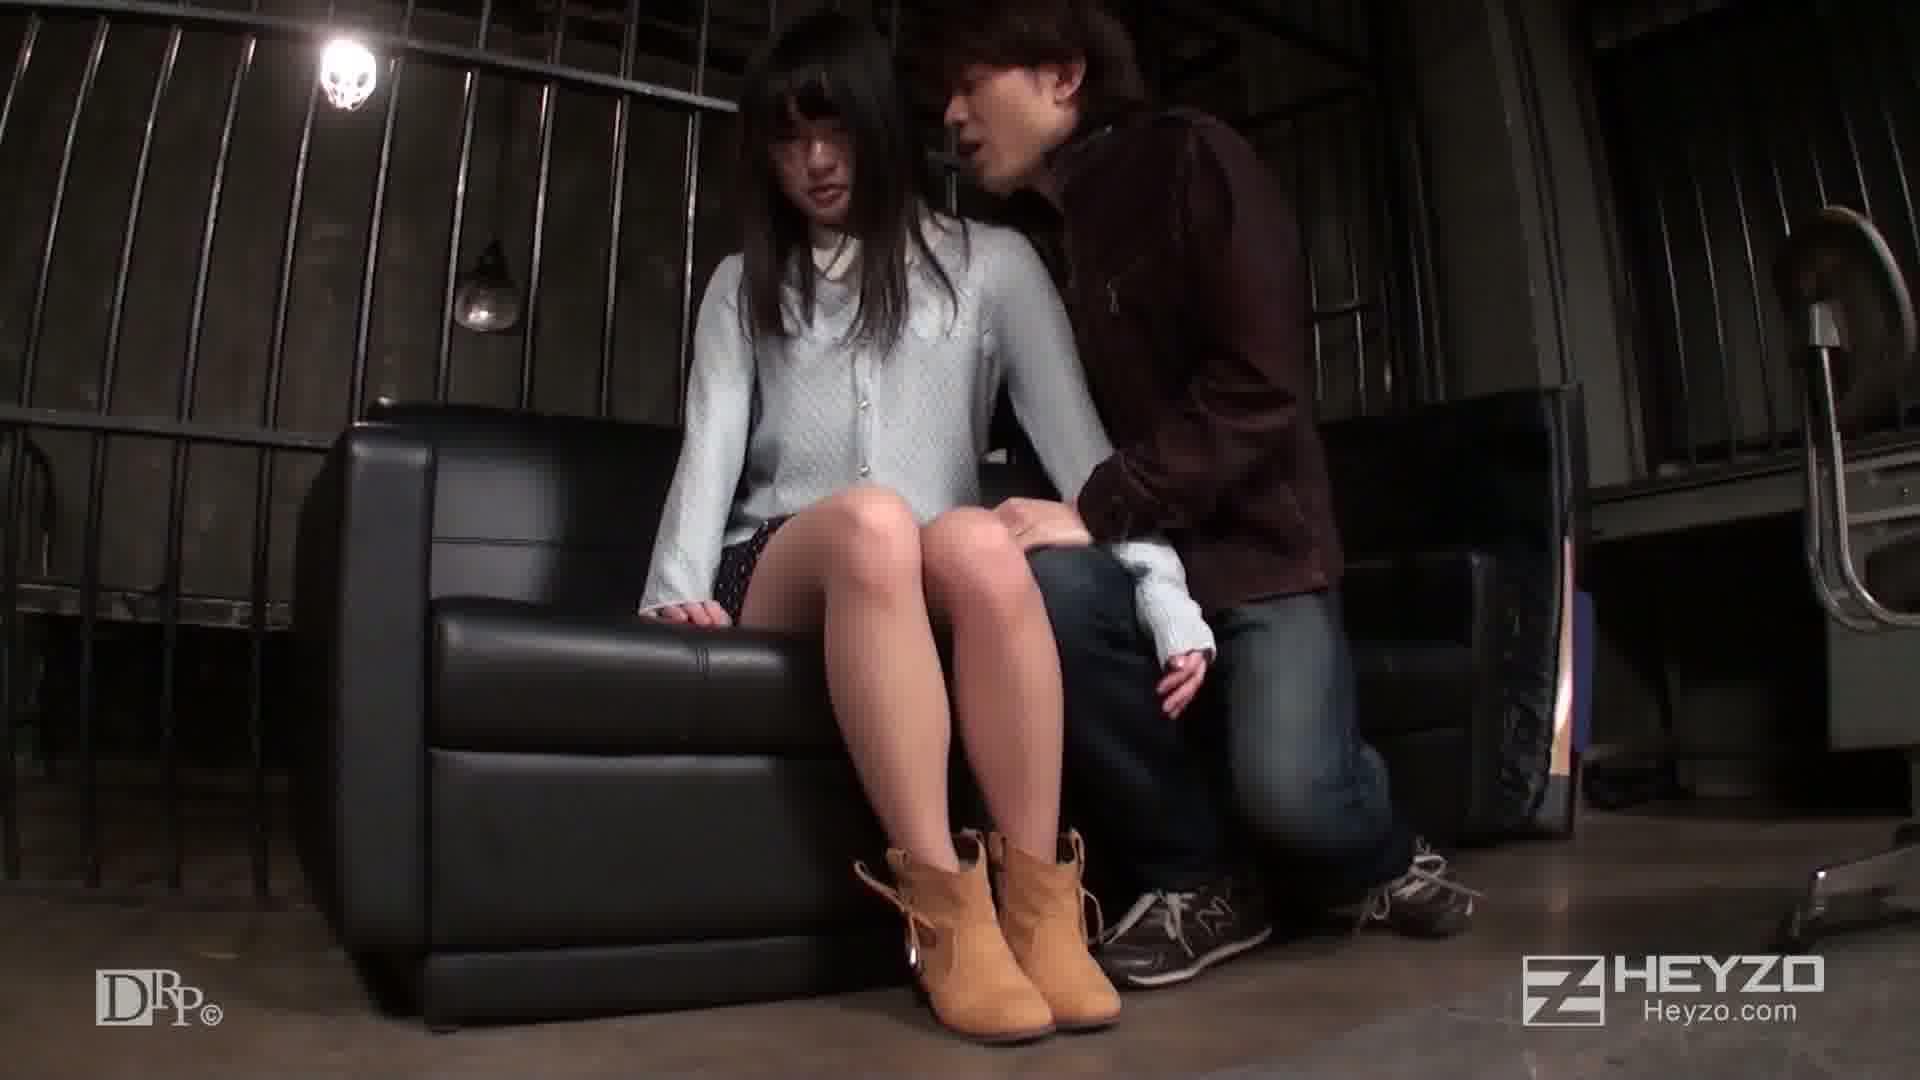 モデル撮影会で元カノにバッタリ遭遇 - しずか真央【脱衣 ベロチュー】